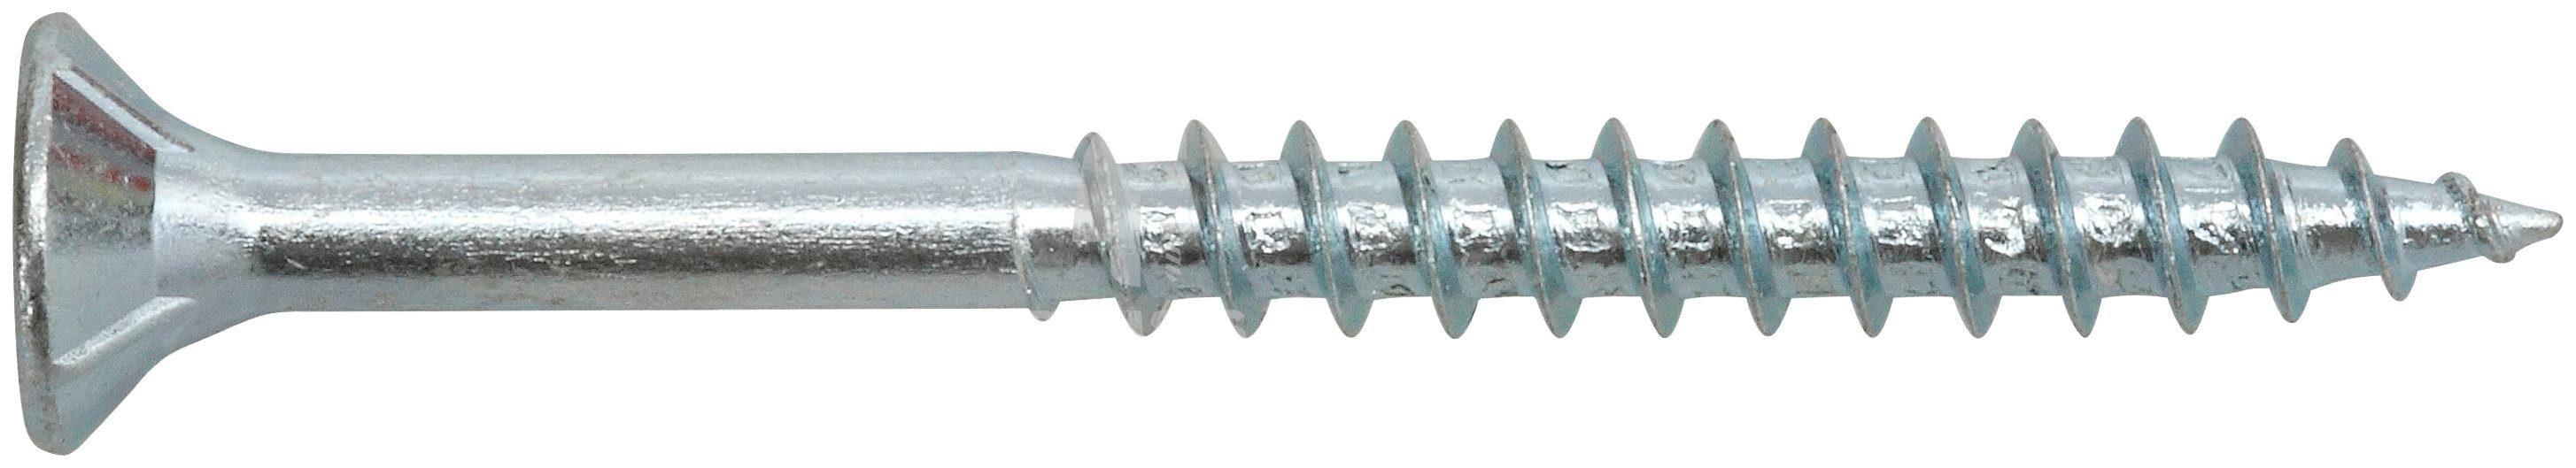 RAMSES Schrauben , Spanplattenschraube 6 x 140 mm 100 Stk.